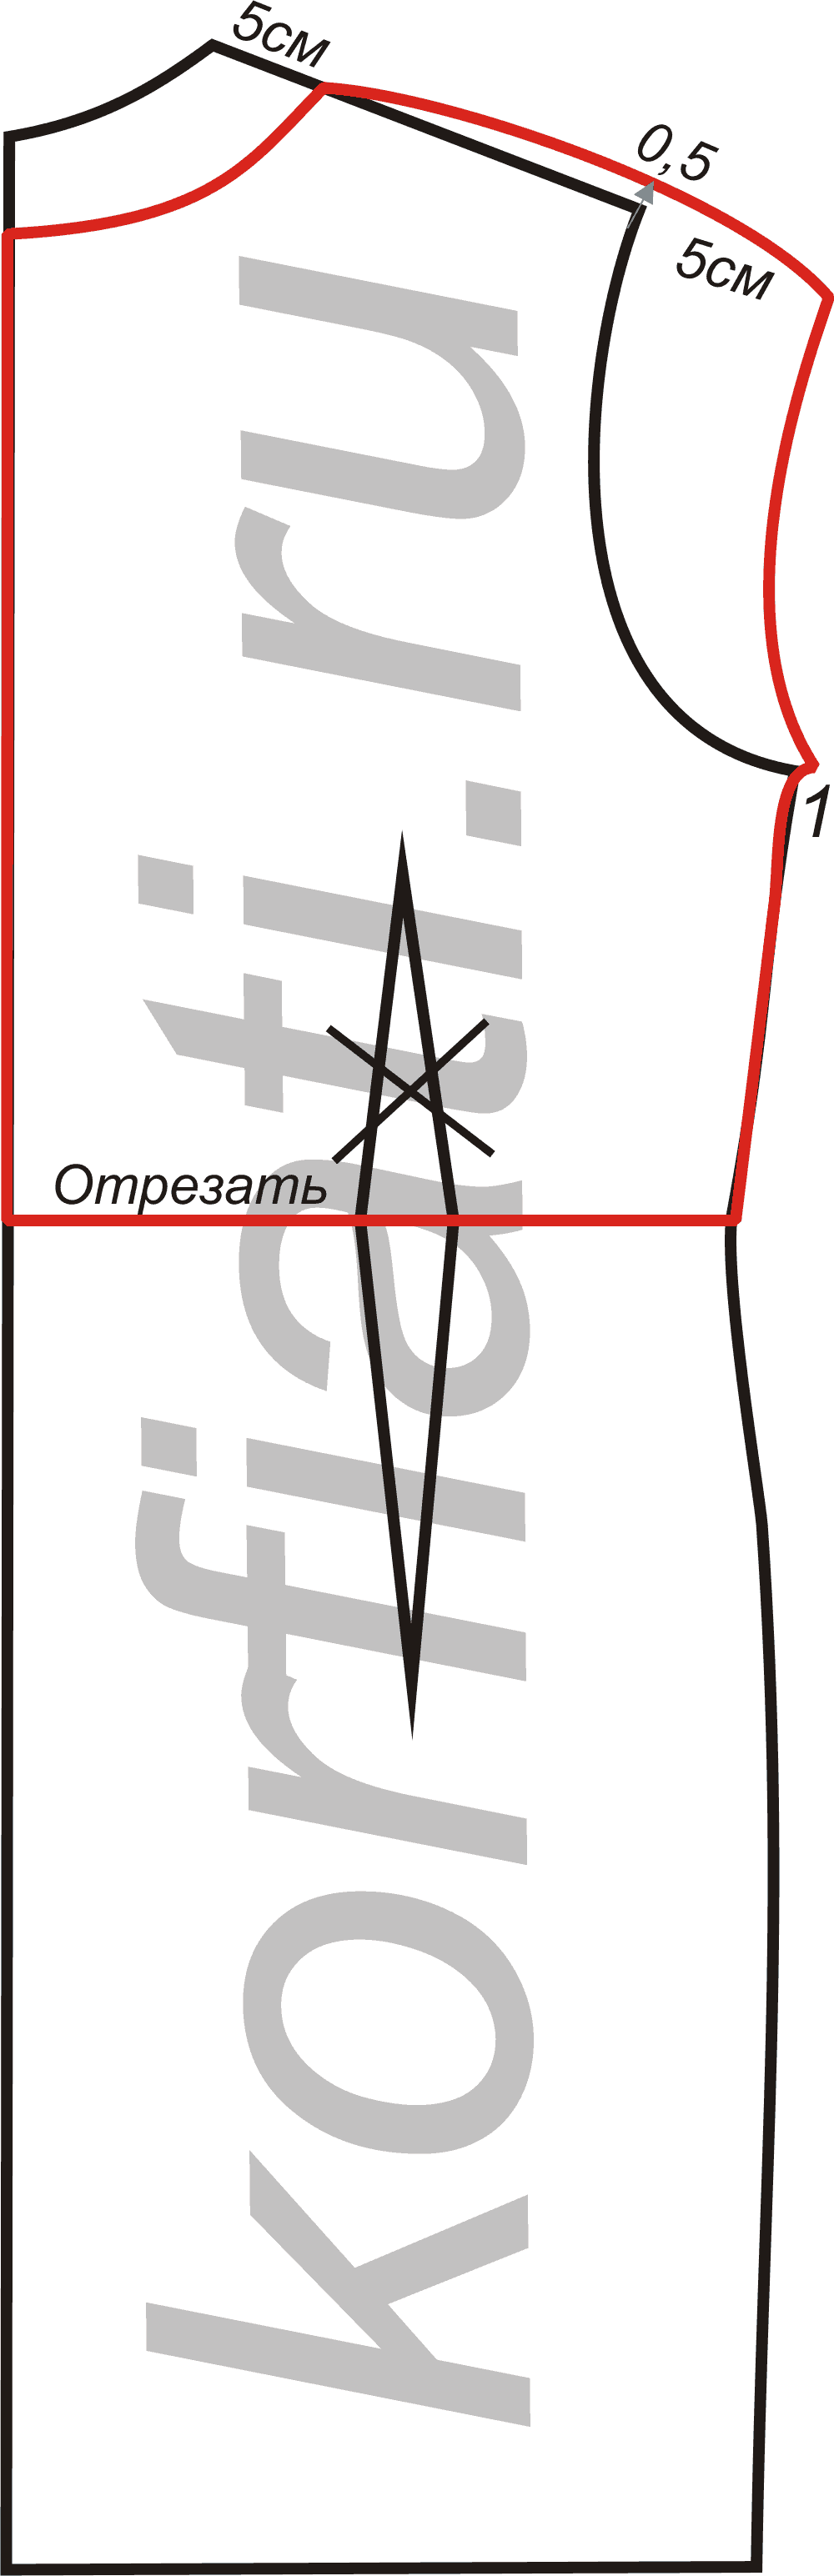 Отопление из полипропилена схемы обвязки